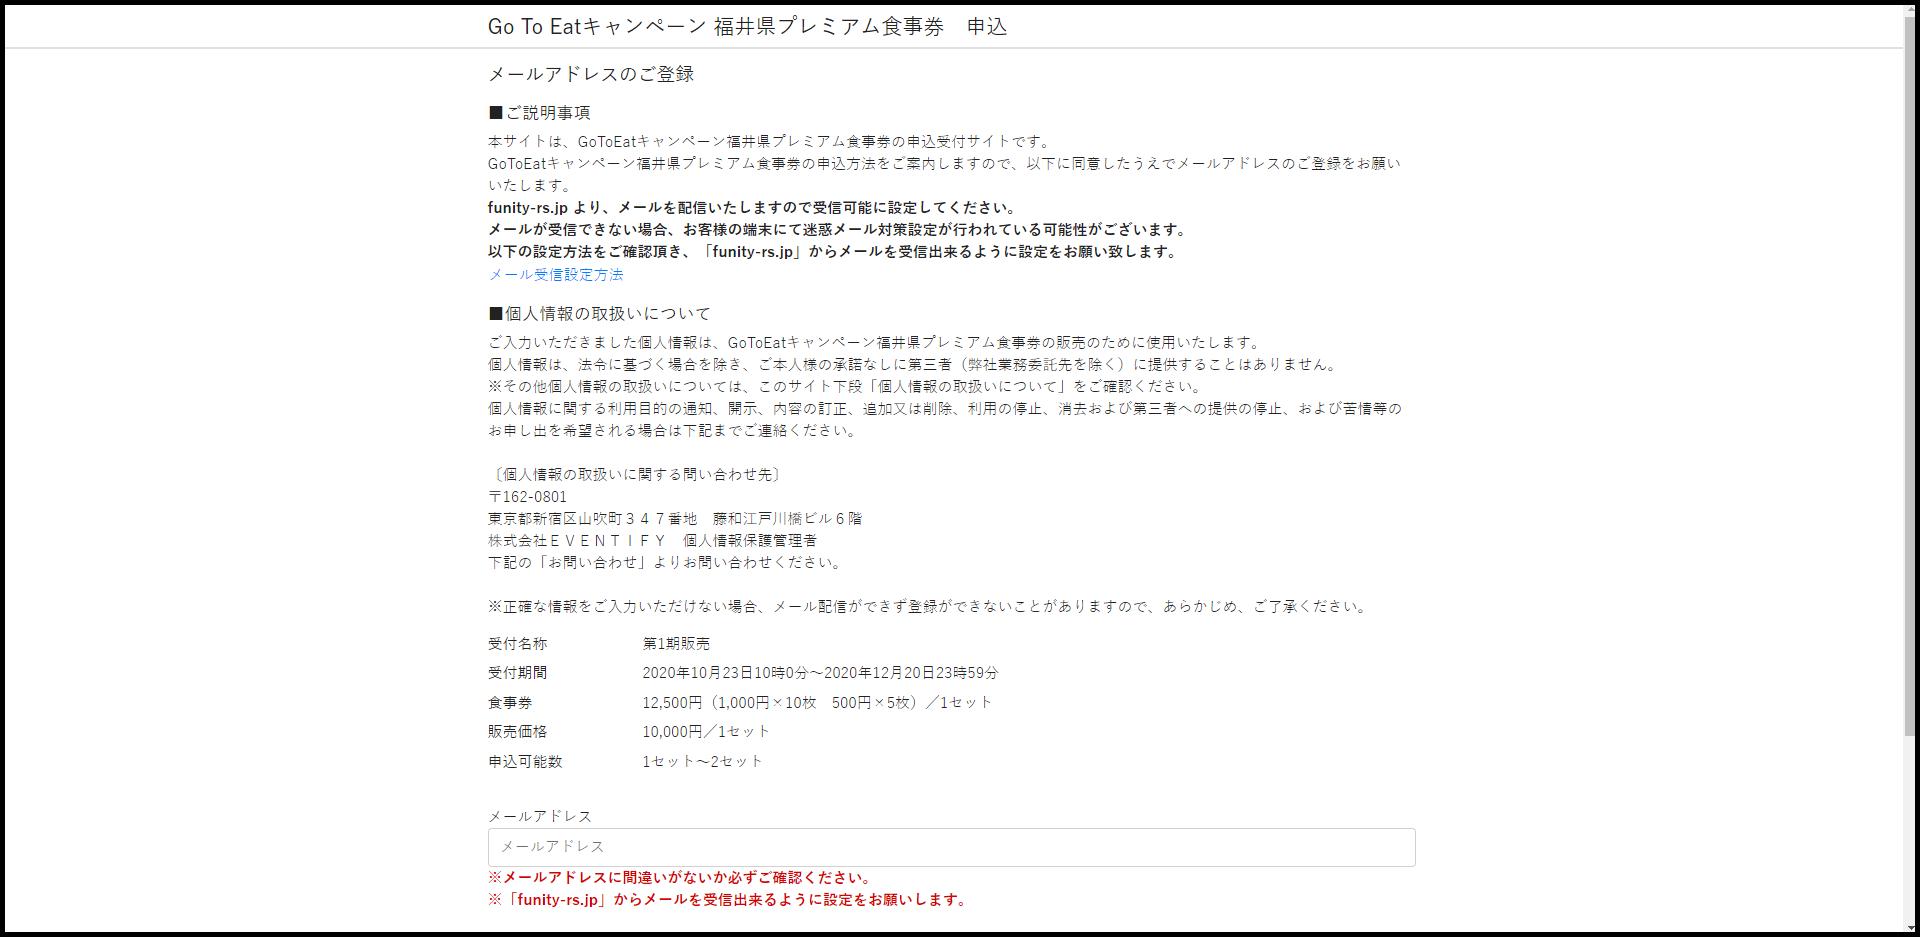 福井県のゴーツーイート申し込み画面